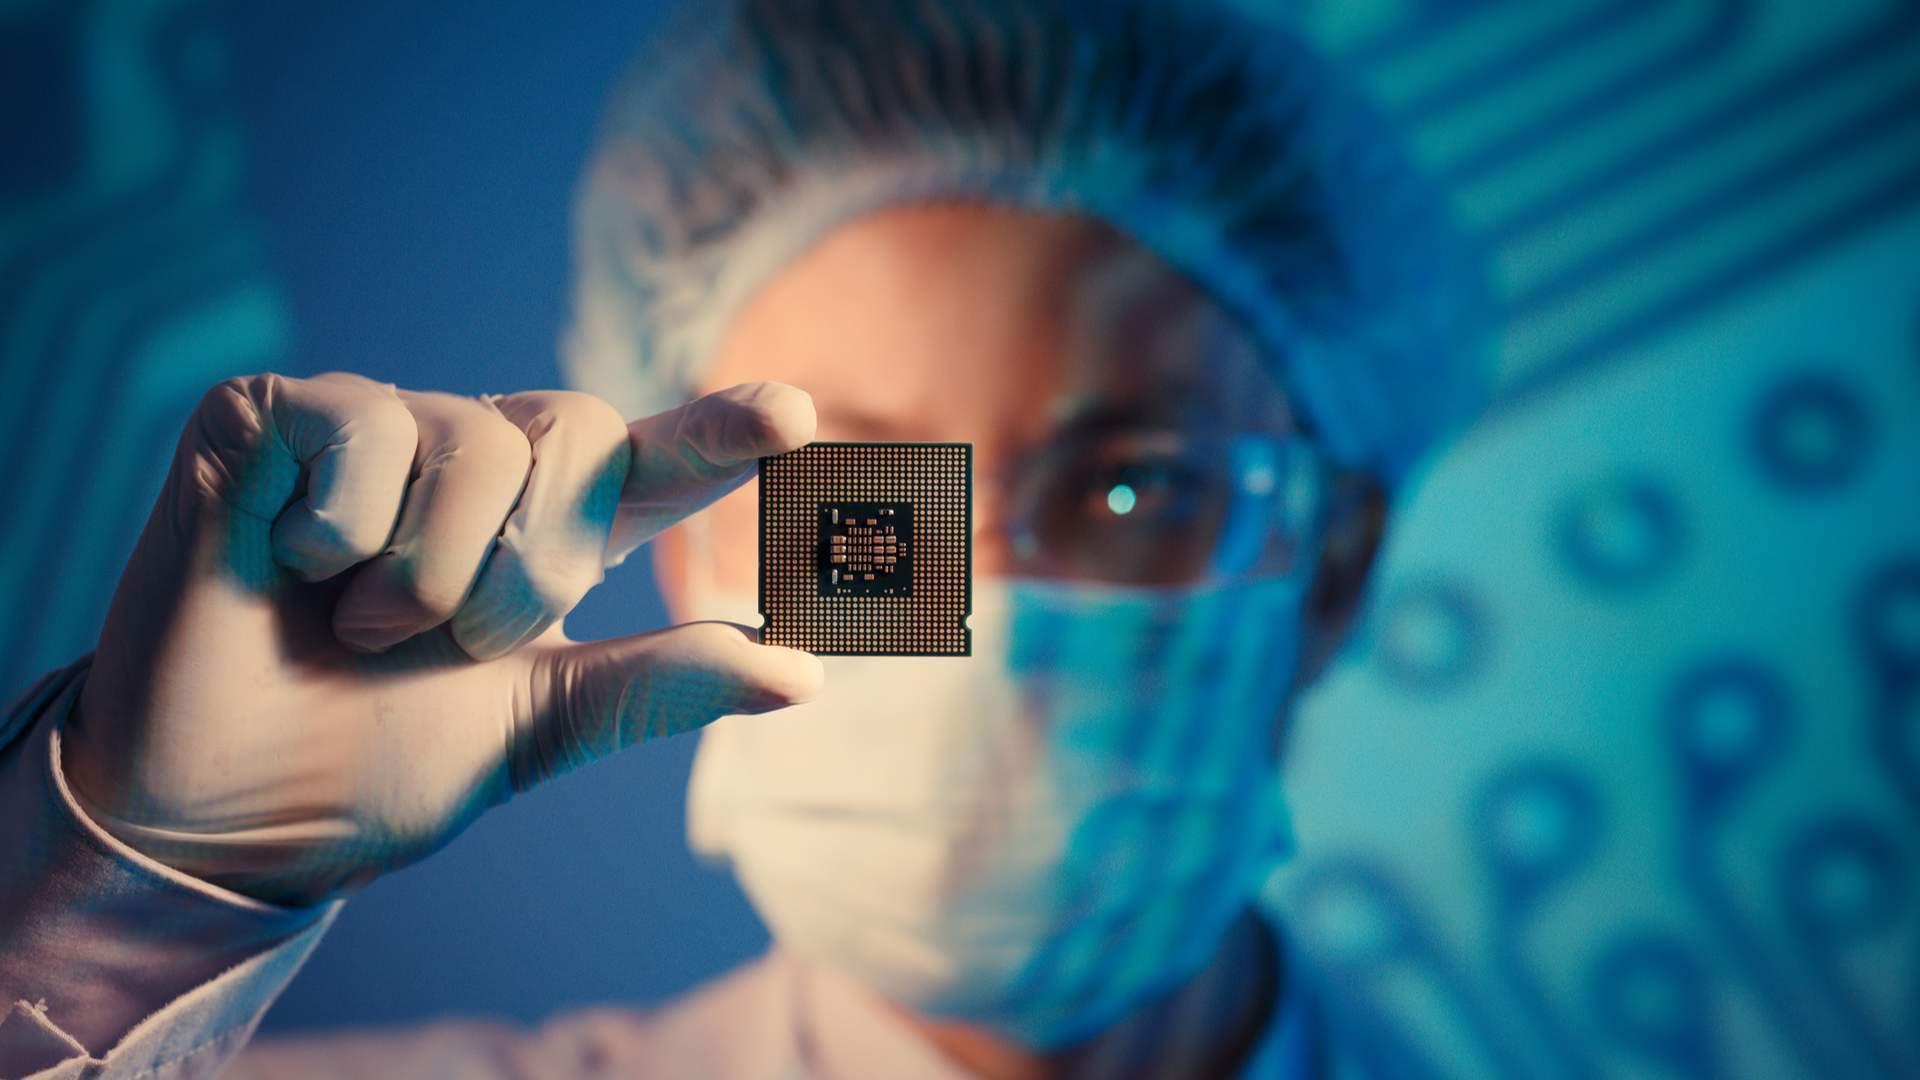 A placa de vídeo Intel HD Graphics vem junto com o processador, como esse segurado por um engenheiro de computação na imagem, por isso é considerada uma placa de vídeo integrada (Fonte: Shutterstock)